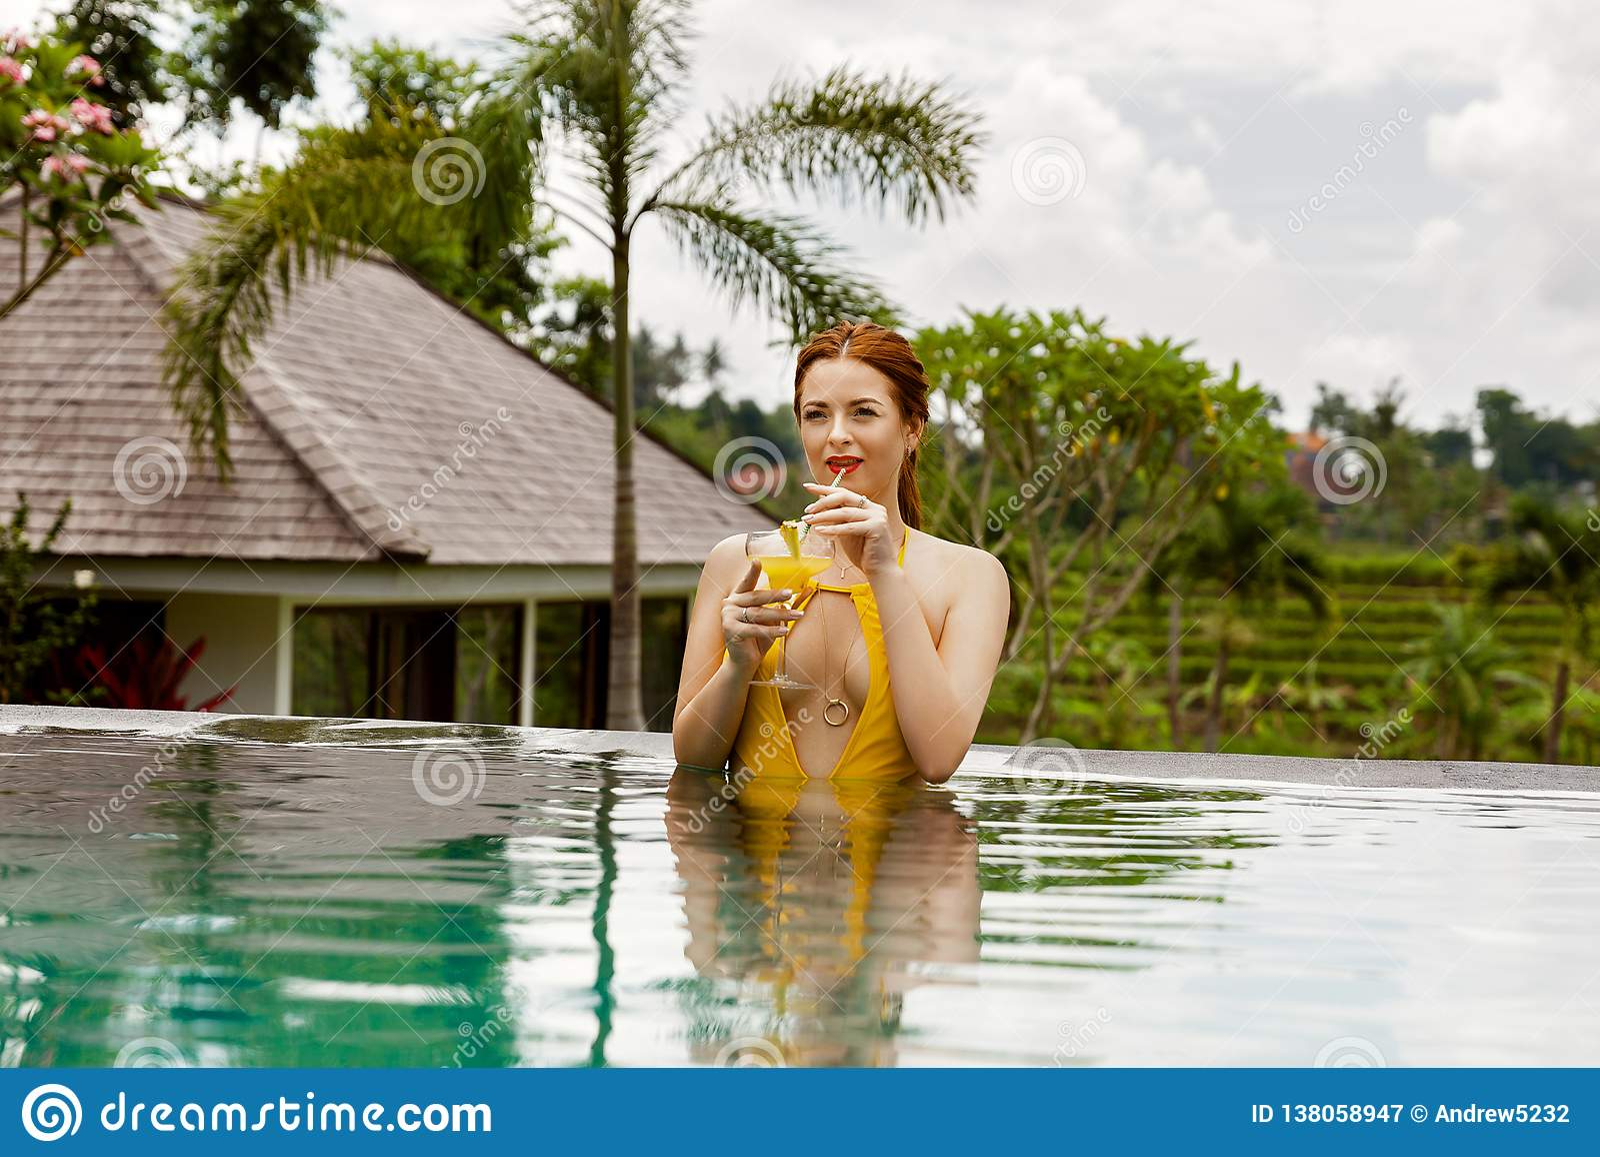 Älskvärd flicka i en gul baddräkt i simbassängen